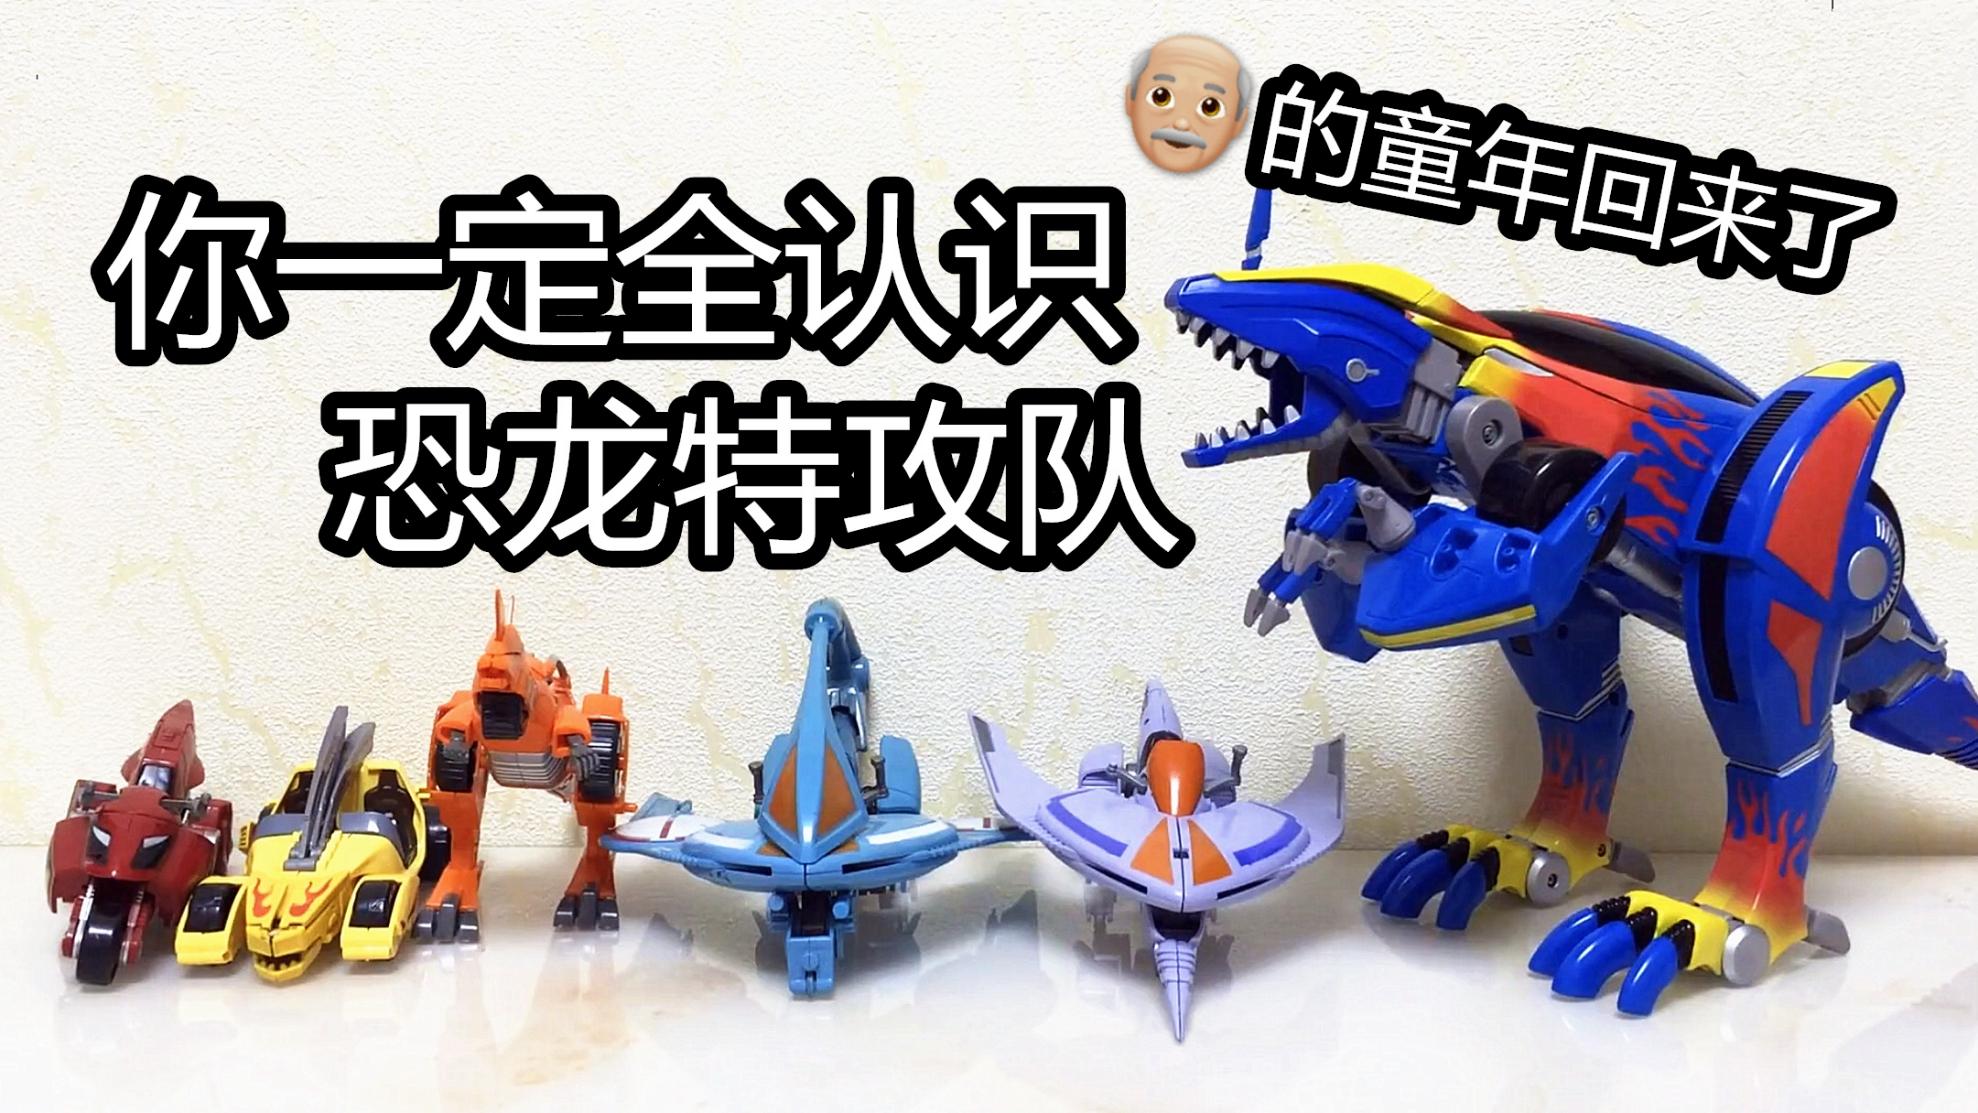 终极童年 恐龙特攻队全套玩具 小时候人手一个的变形恐龙 你还记得吗?幻龙记 大鹏评测